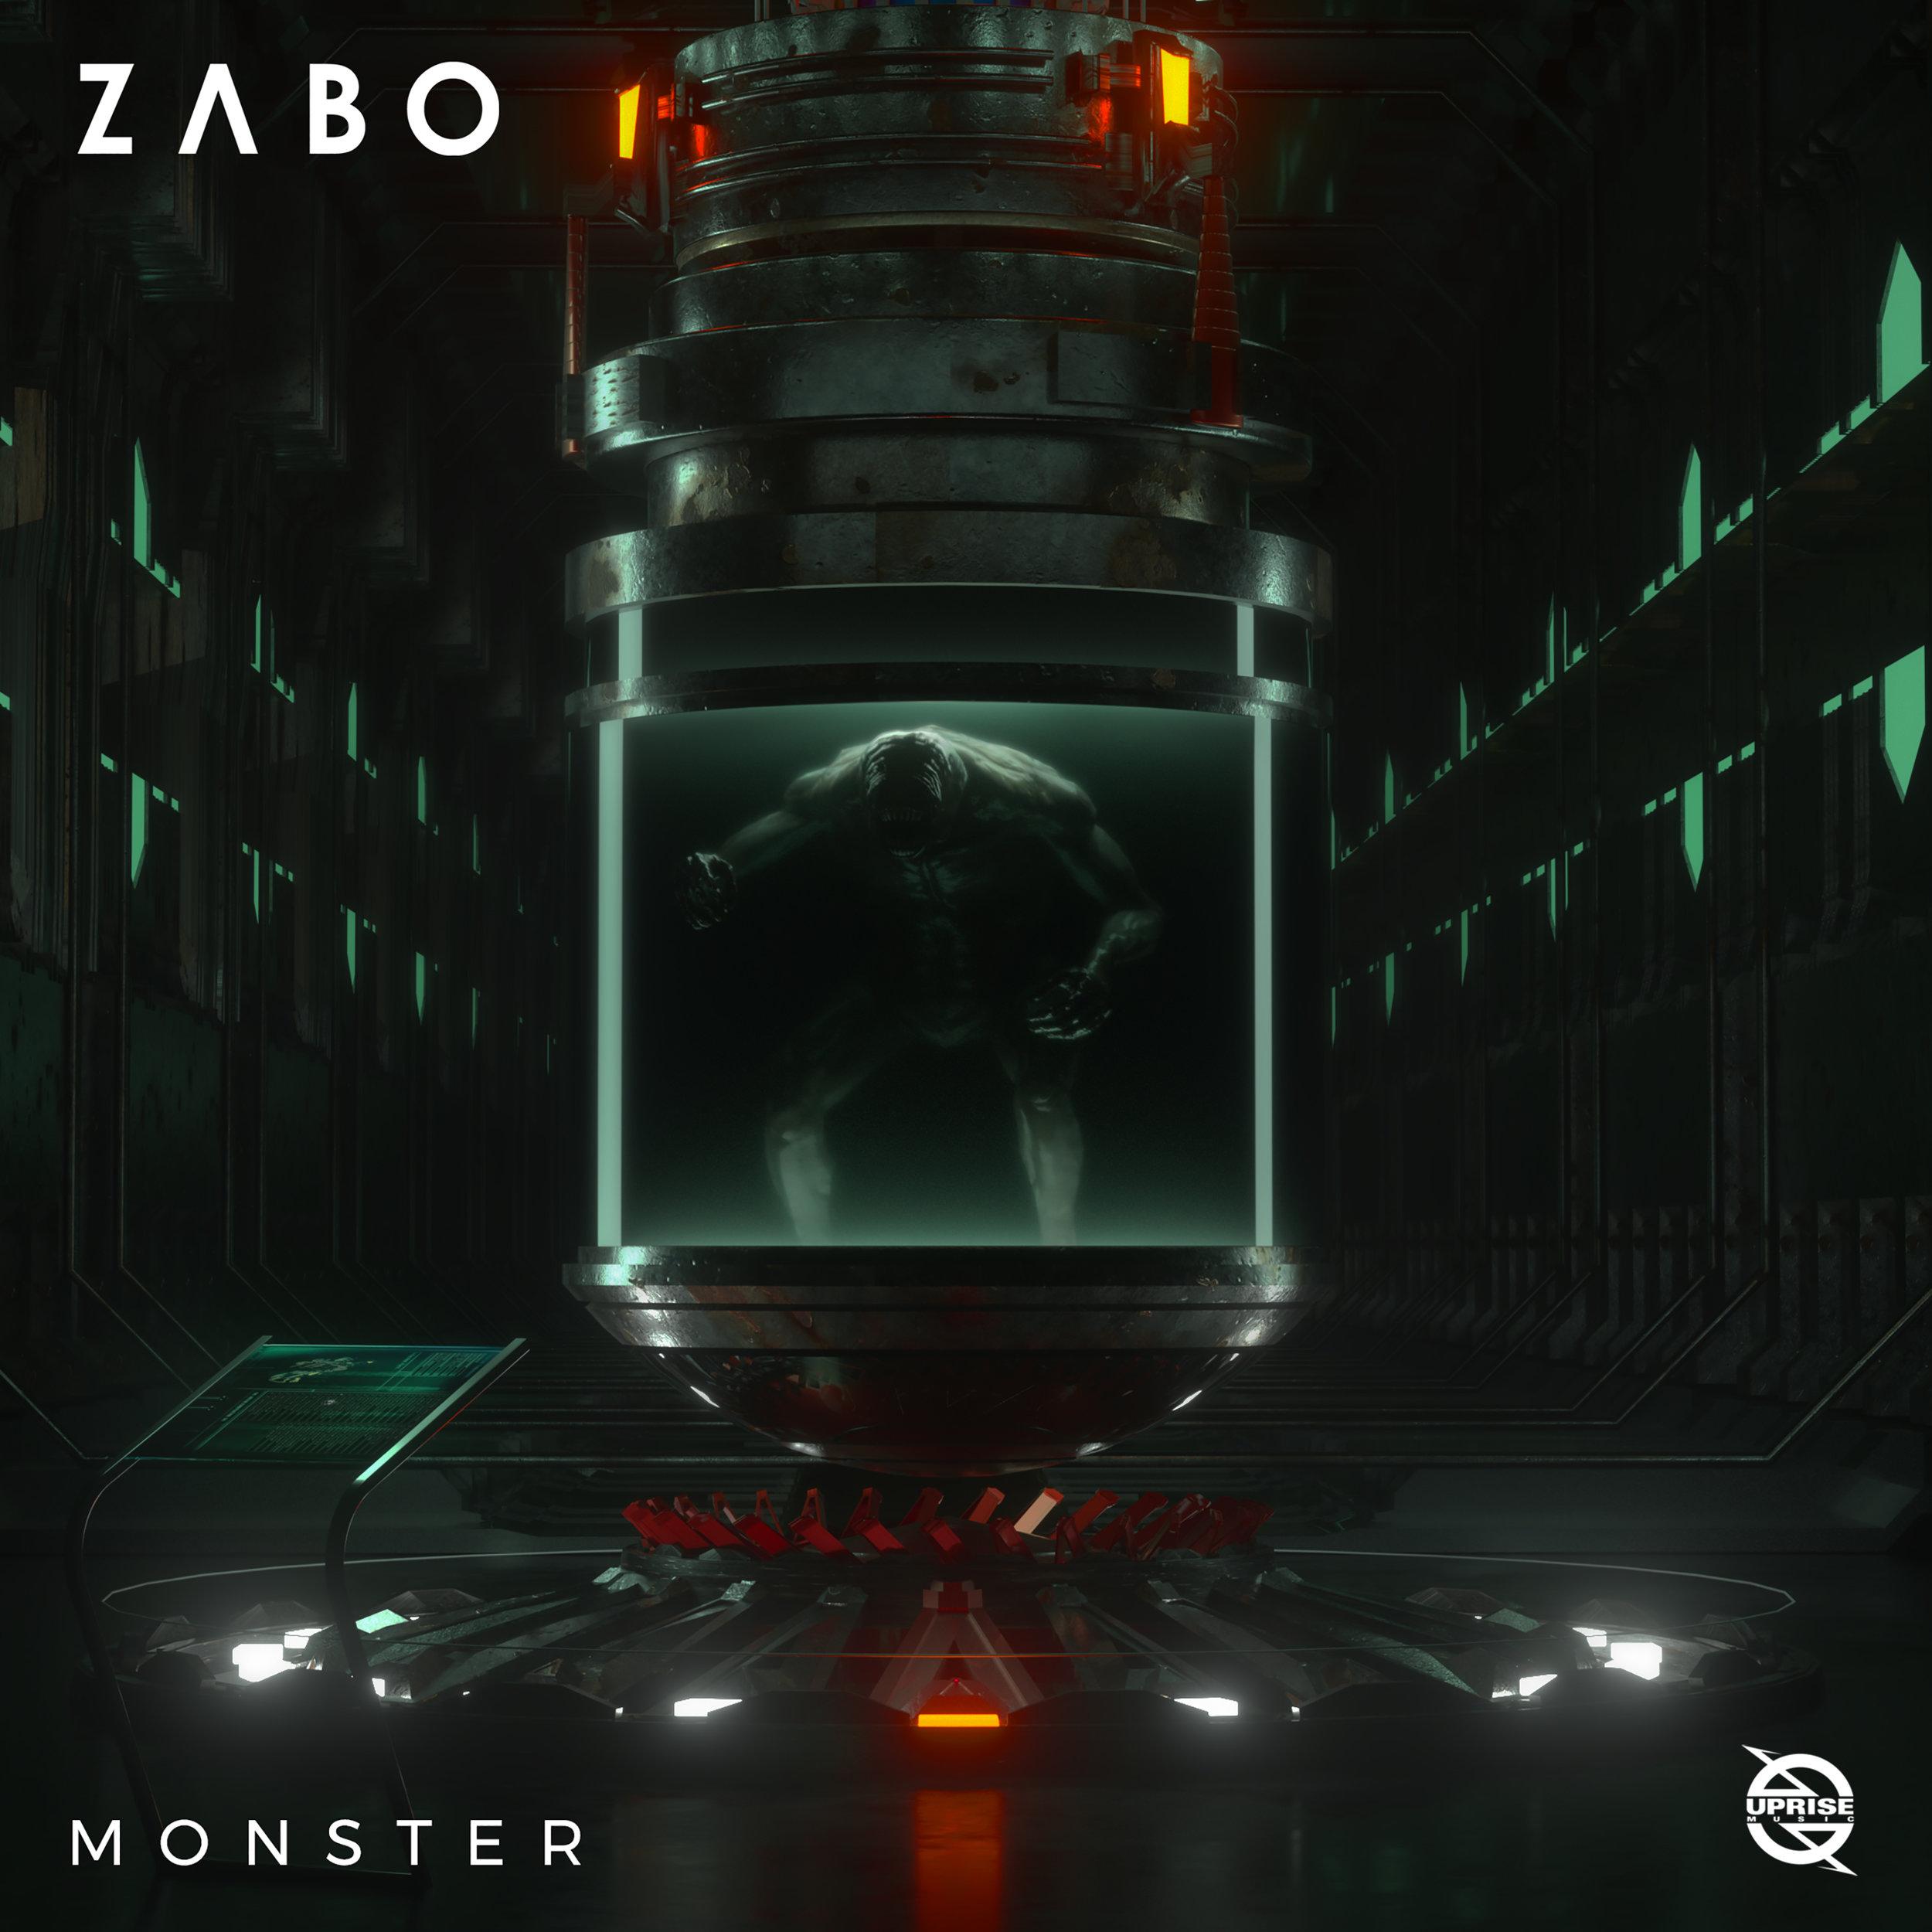 ZABO - Monster